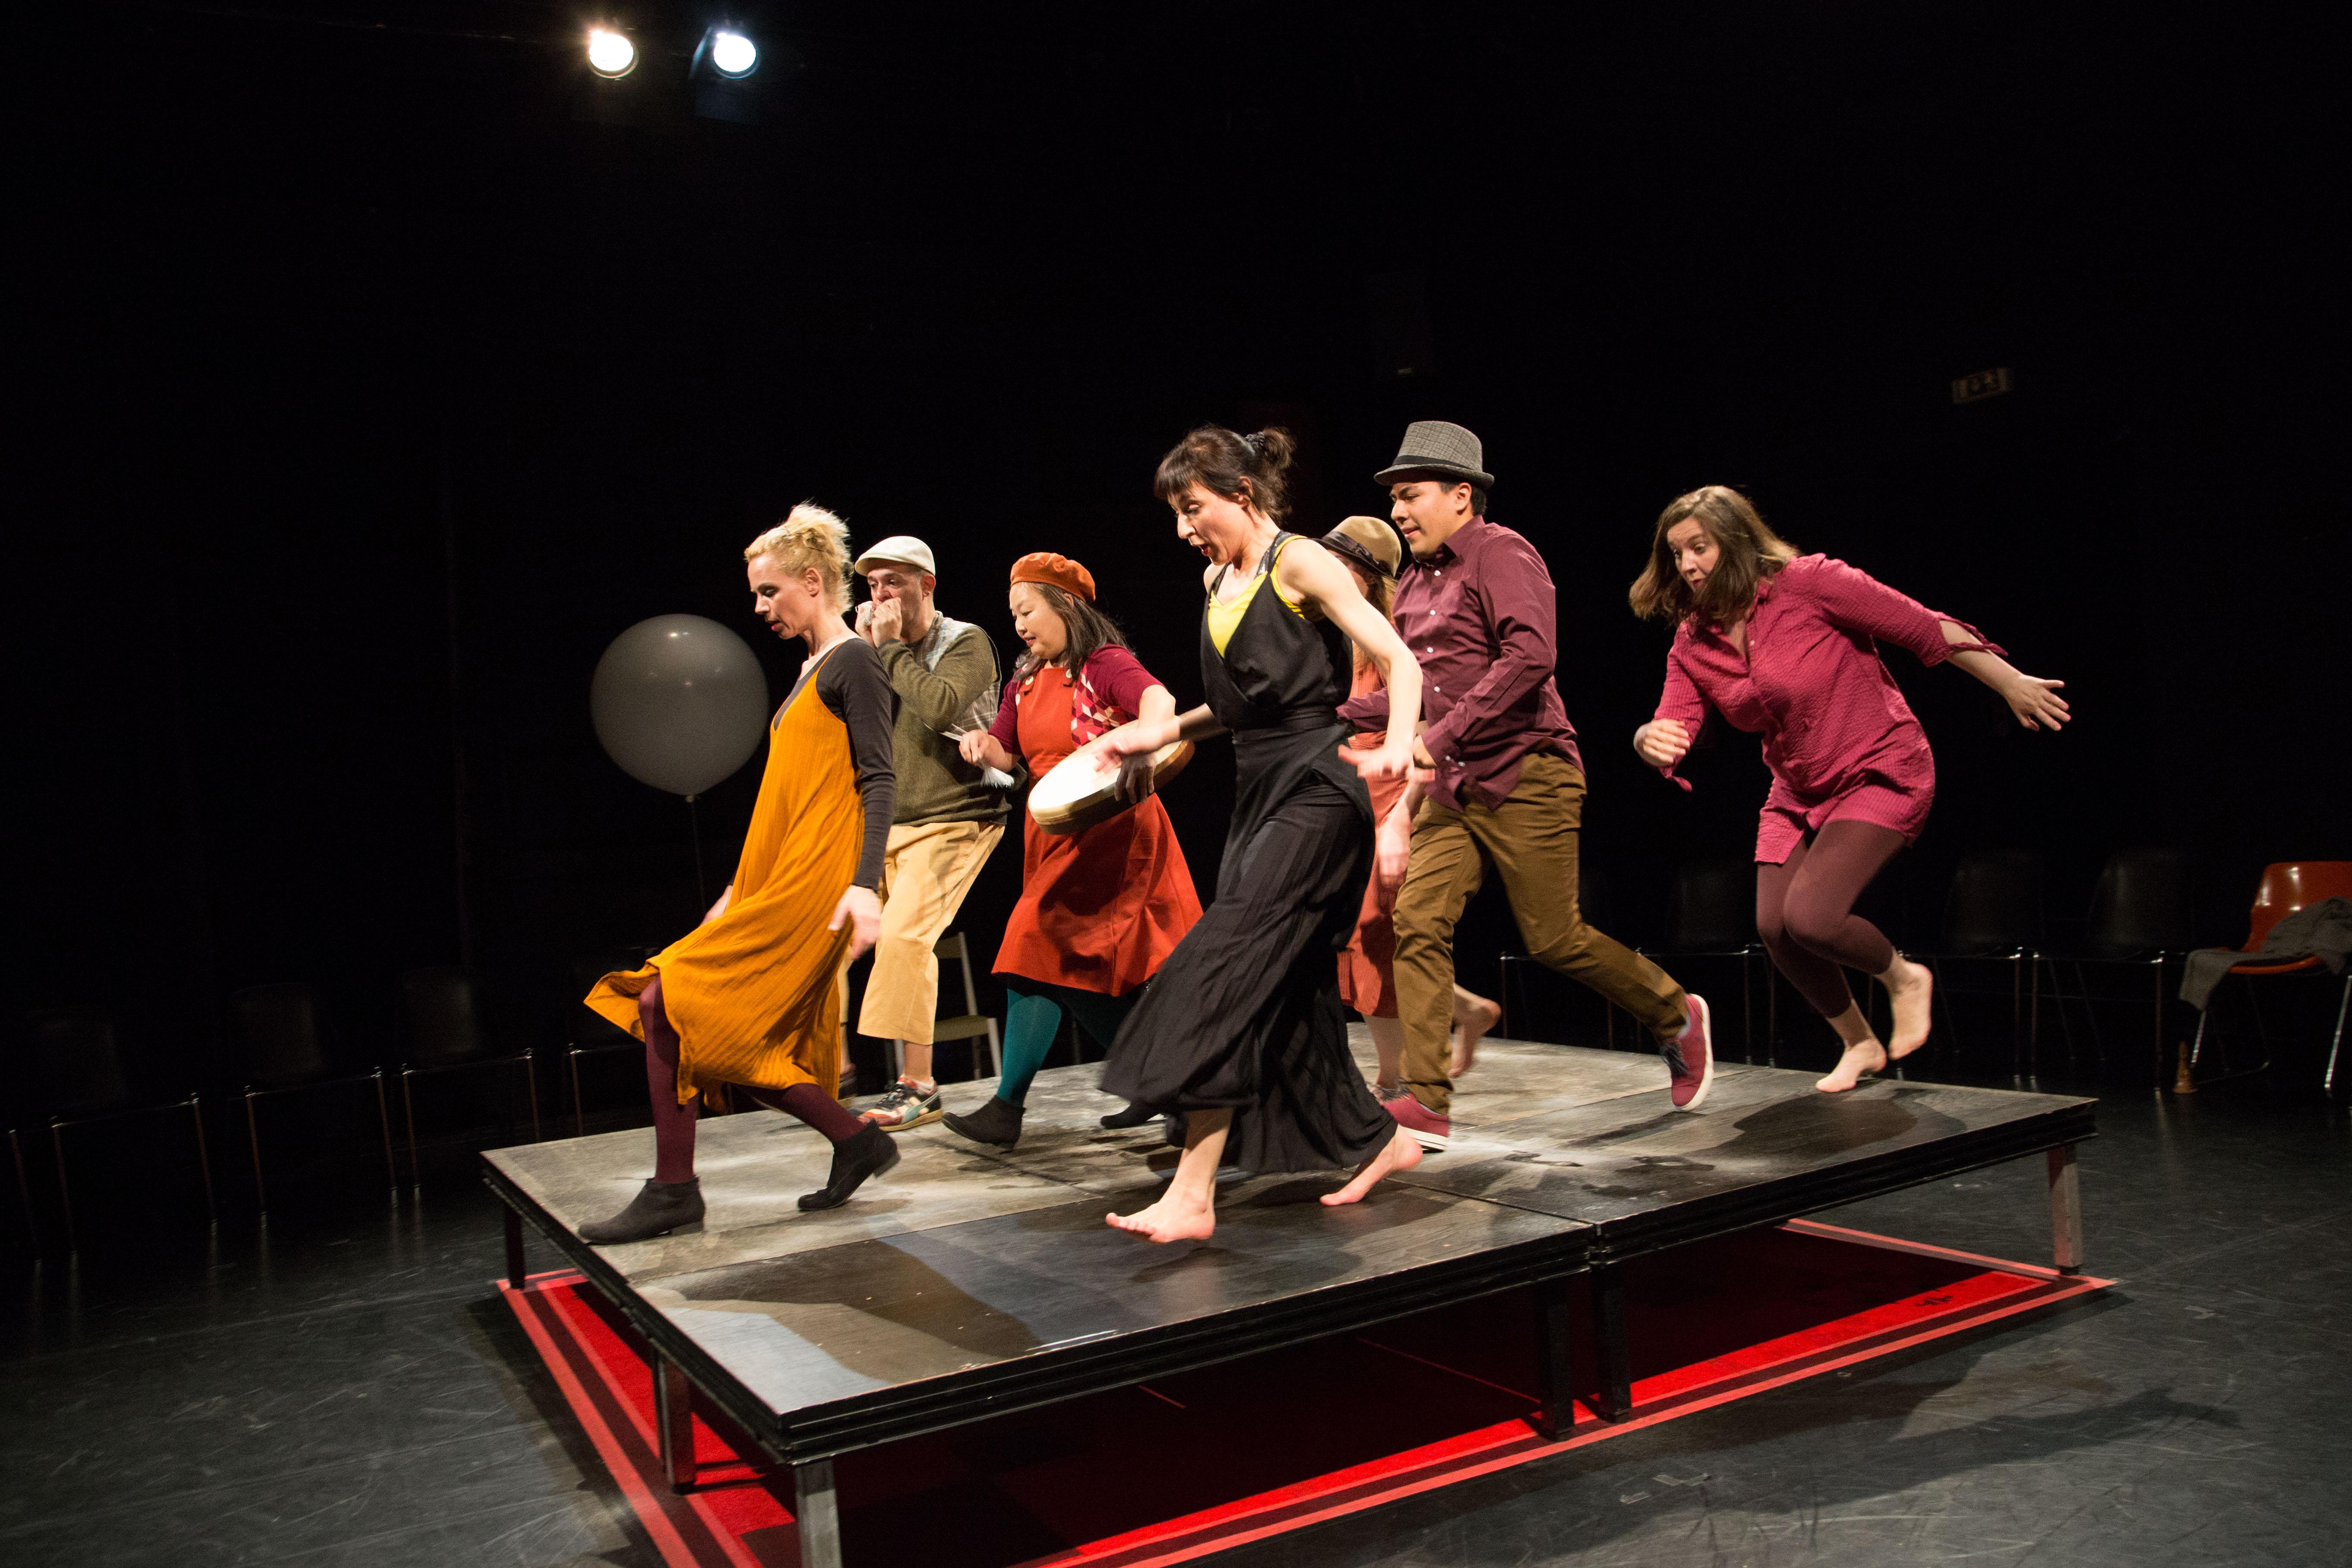 Passacaglia  Tanz durch die Gassen - Toihaus Theater | What